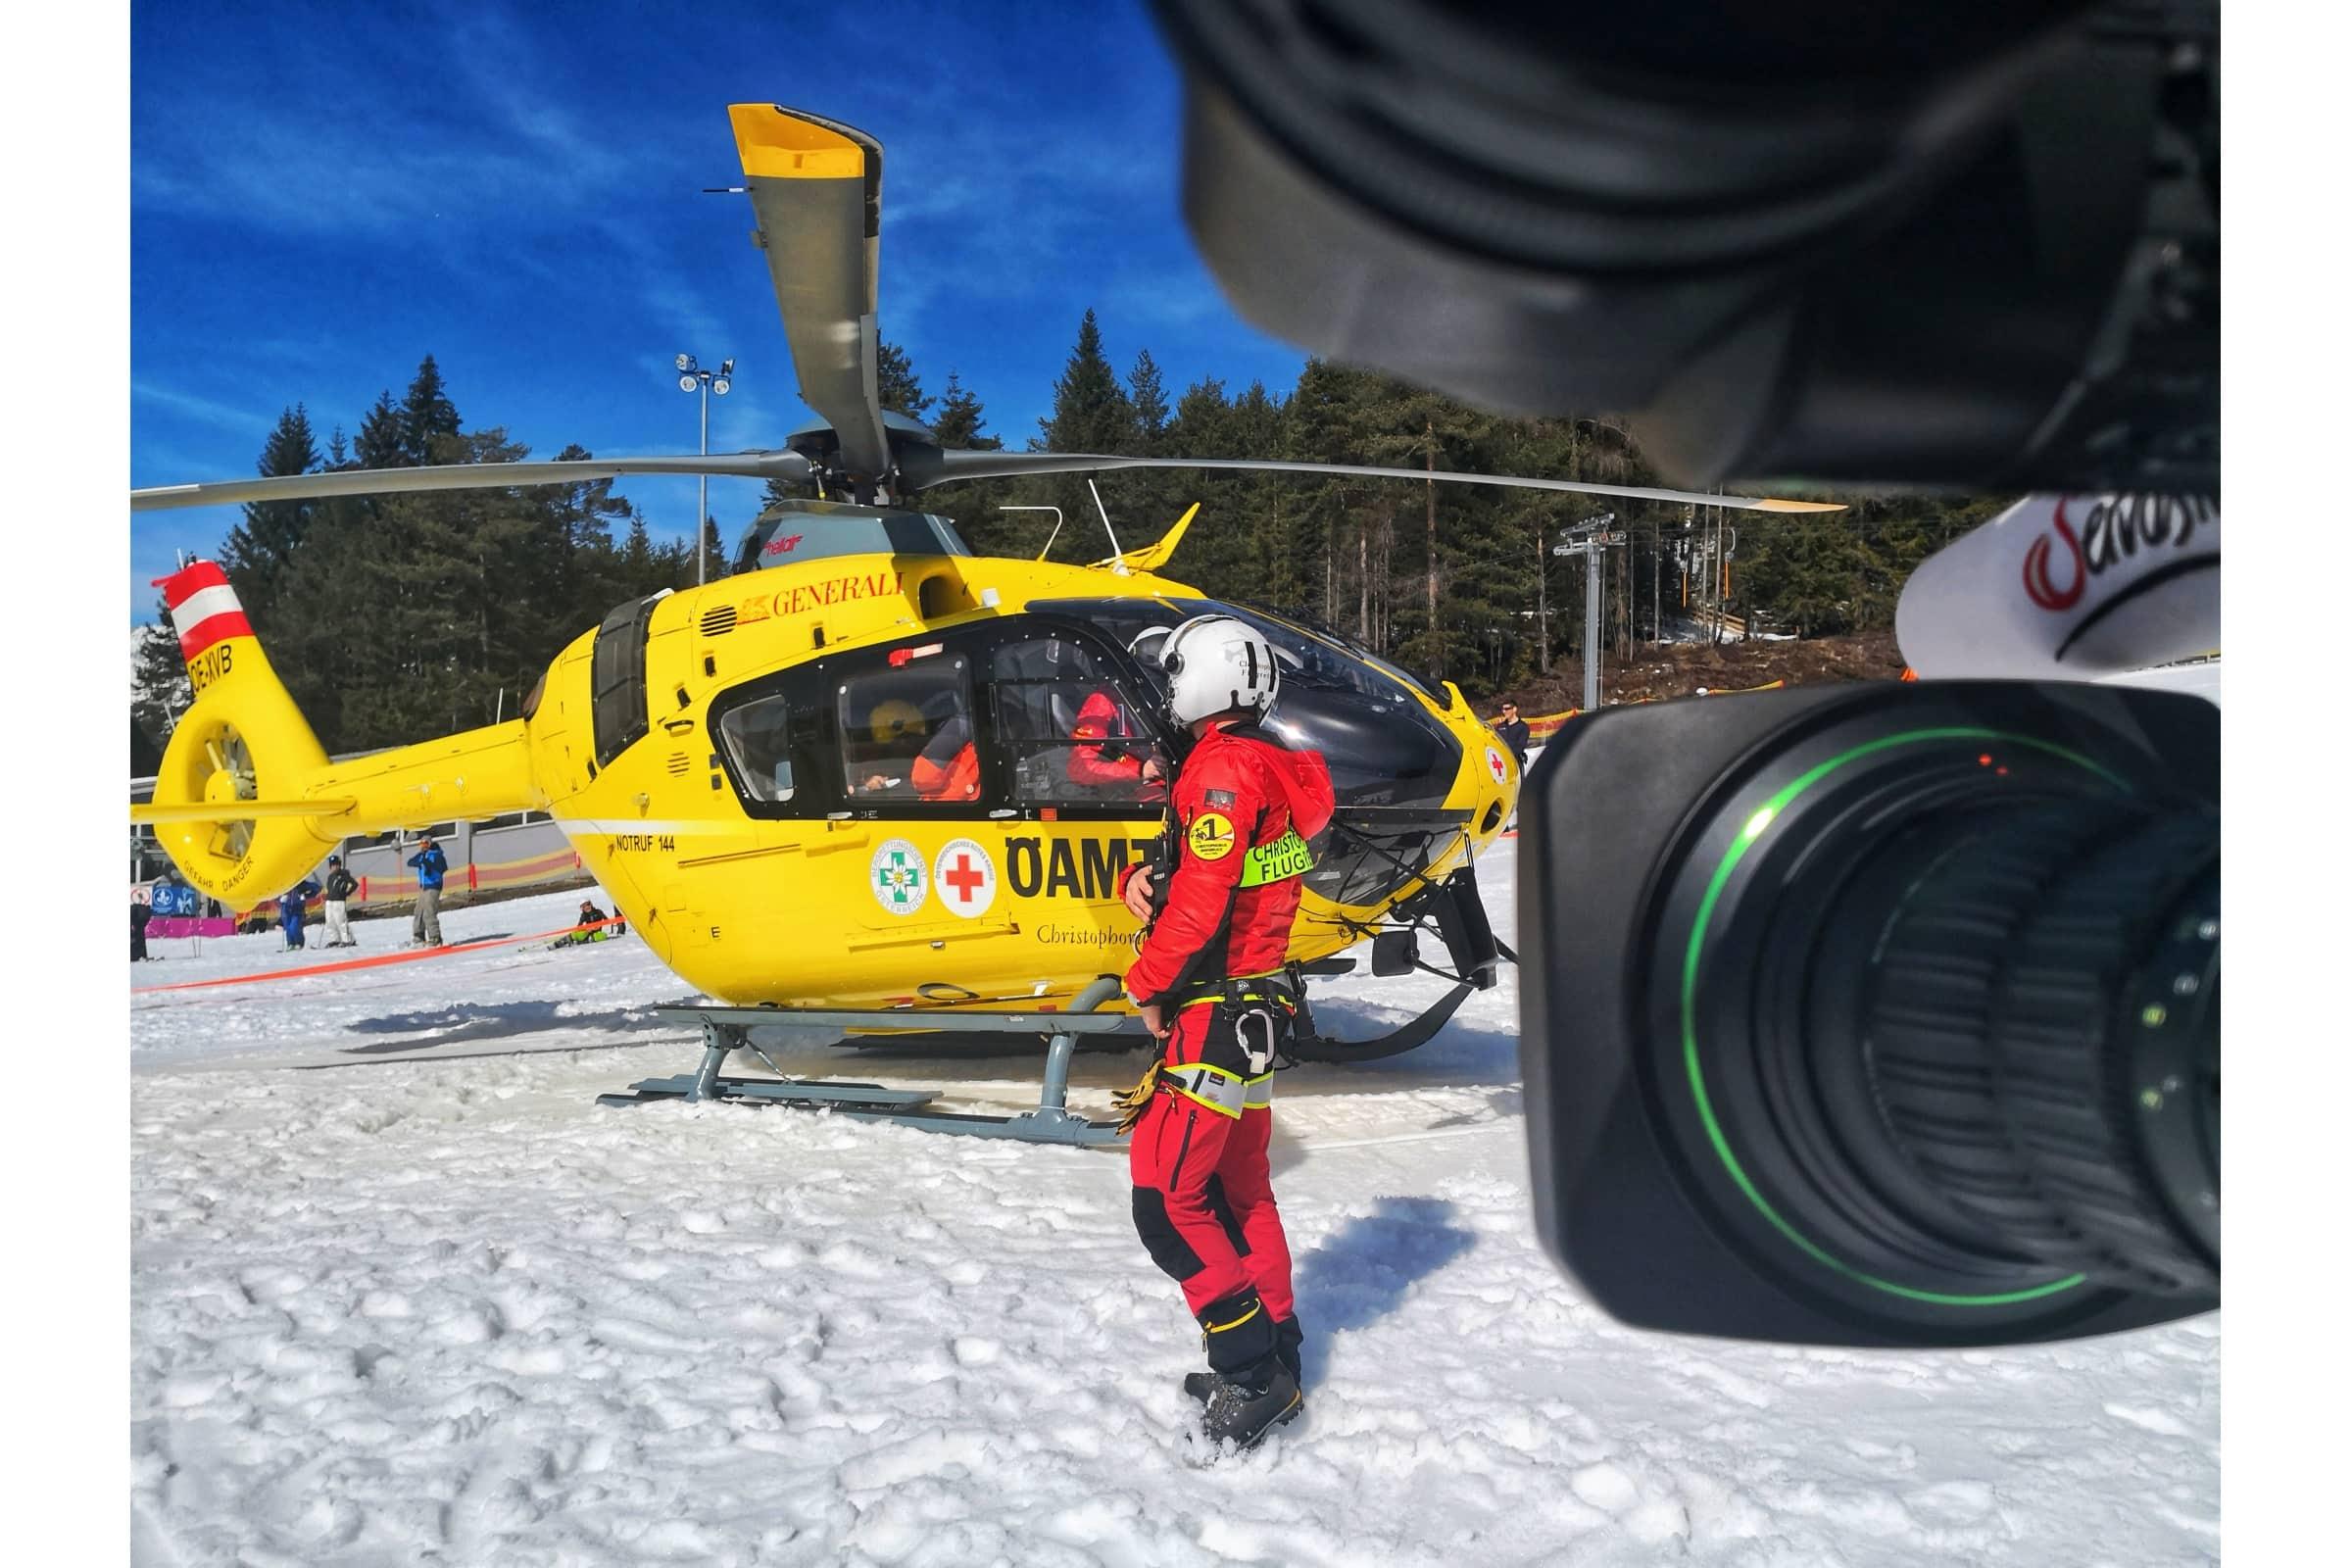 andreas felder kameramann oematc notarzthubschrauber 13 17.03.2019 12 20 18 - Notarzthubschrauber C1